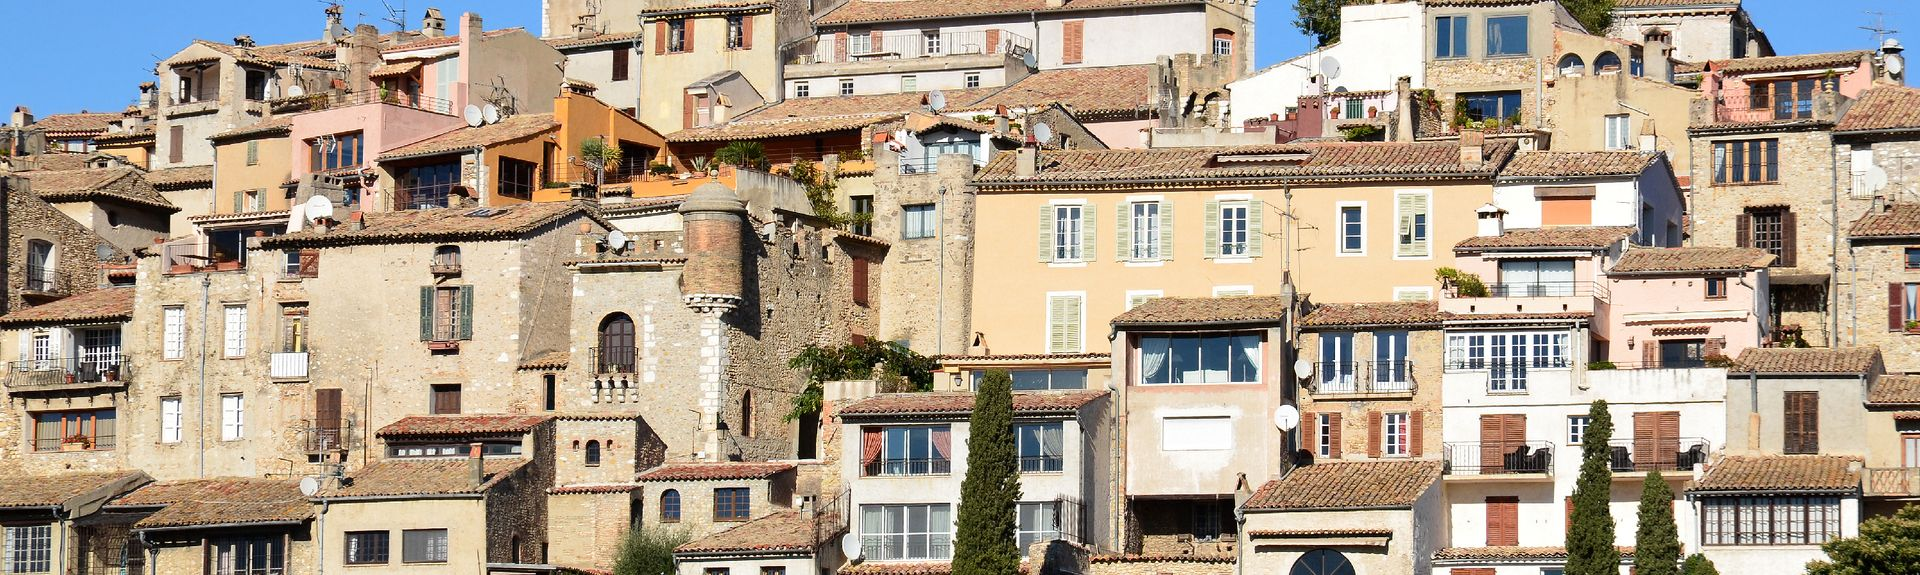 Cagnes-sur-Mer, Provence-Alpes-Côte d'Azur, Frankrike